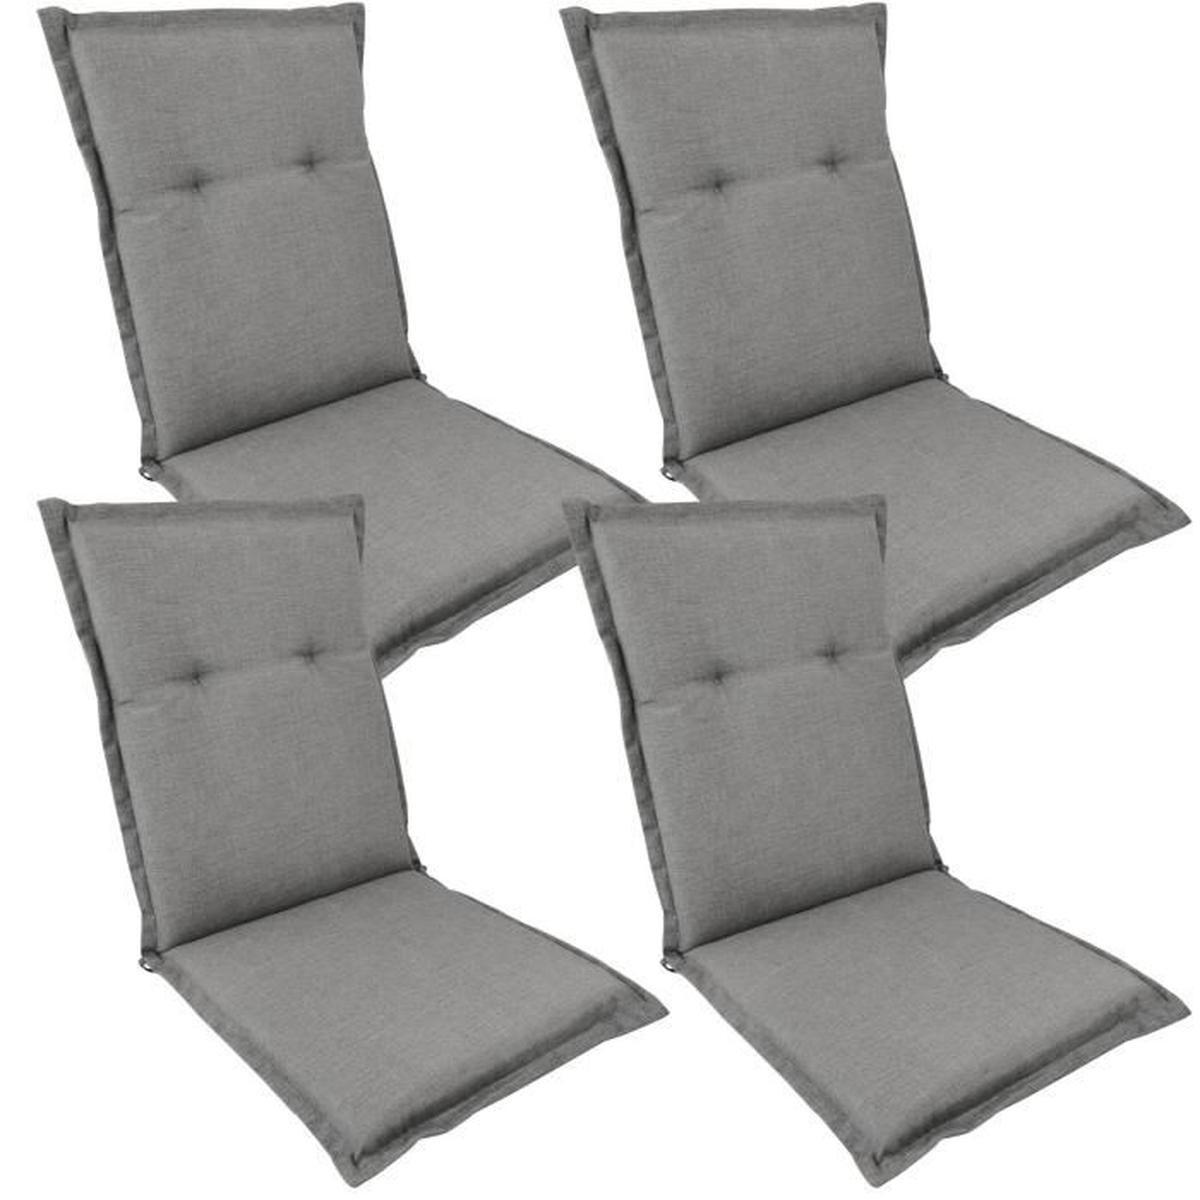 4X Coussins Pour Chaises Pliantes De Jardin 'comfort' 108 X ... pour Coussins Pour Chaises De Jardin